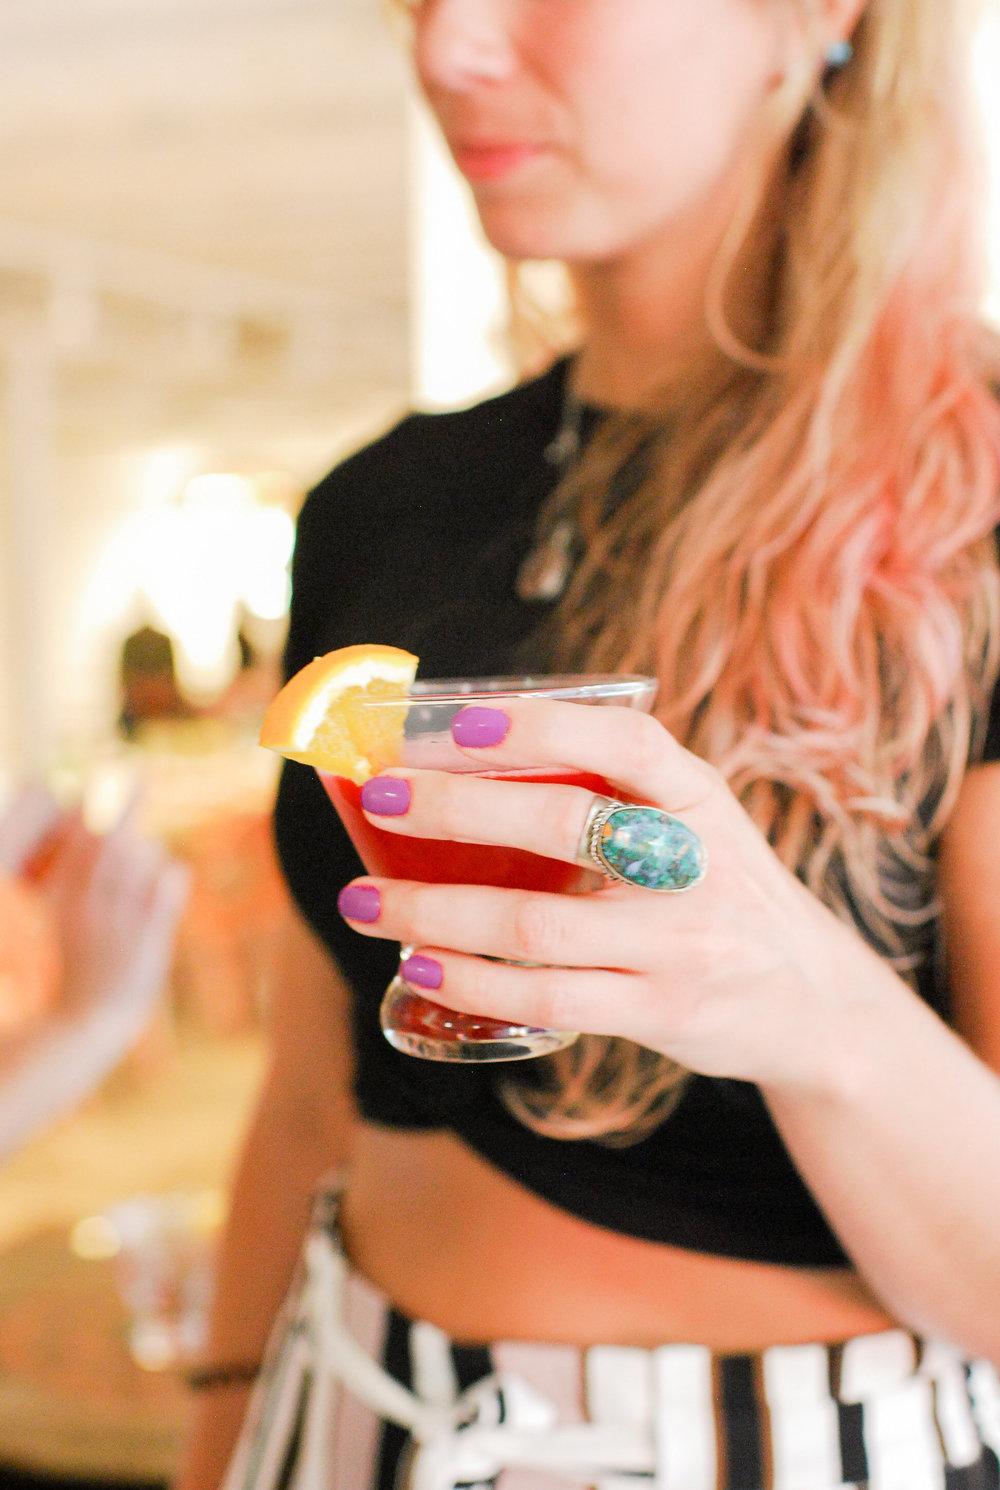 Drink Slingers Austin Event Bartenders Image 100